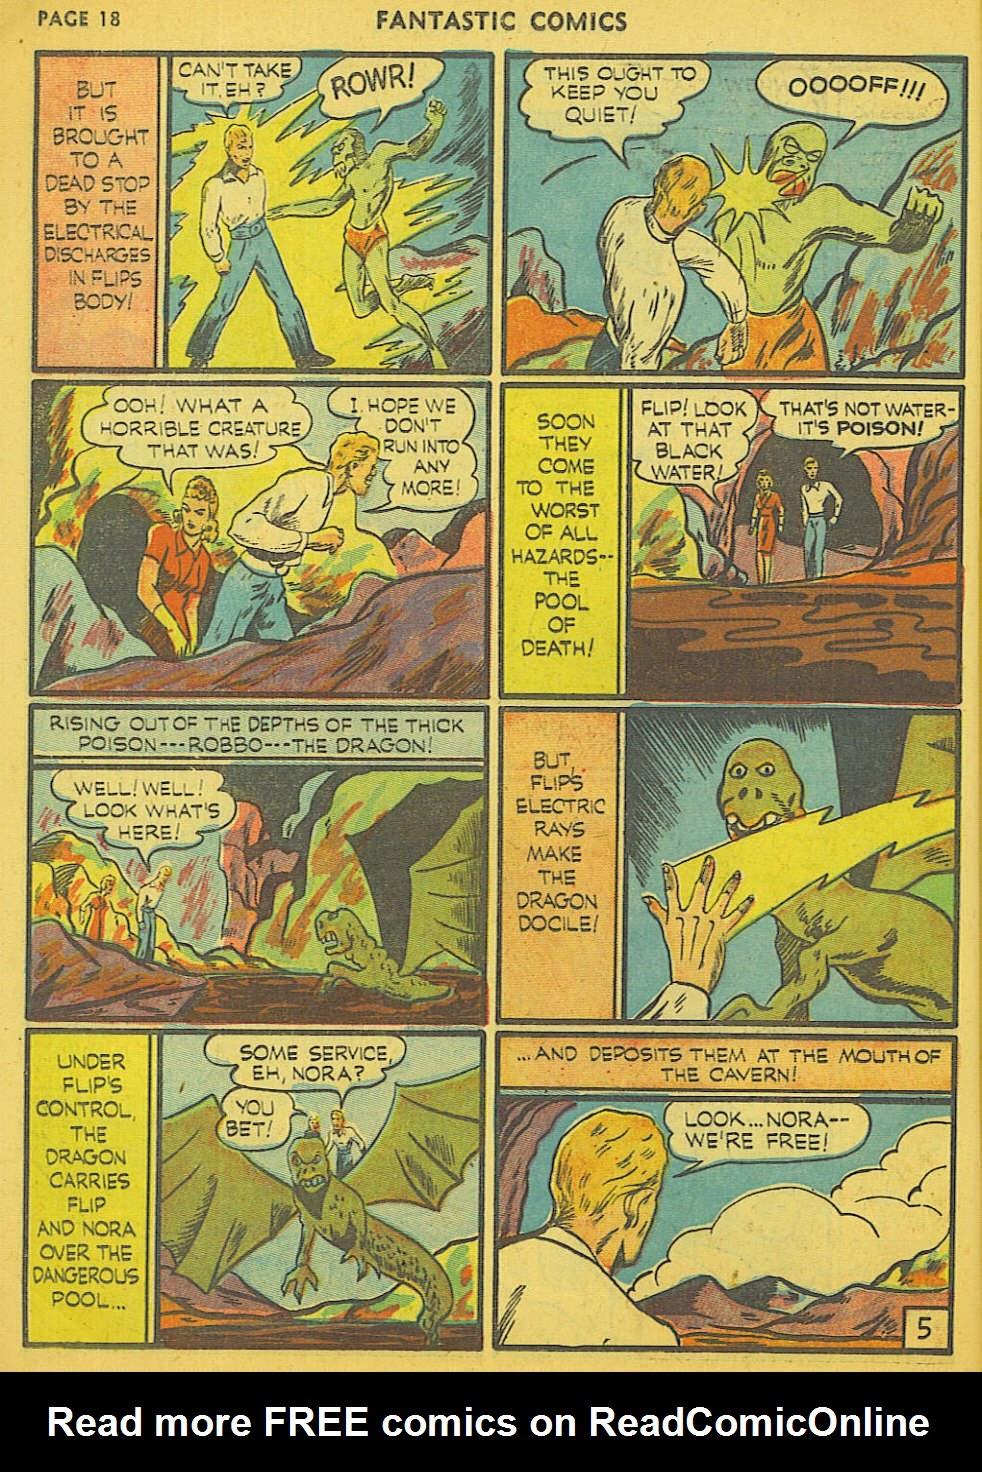 Read online Fantastic Comics comic -  Issue #15 - 11